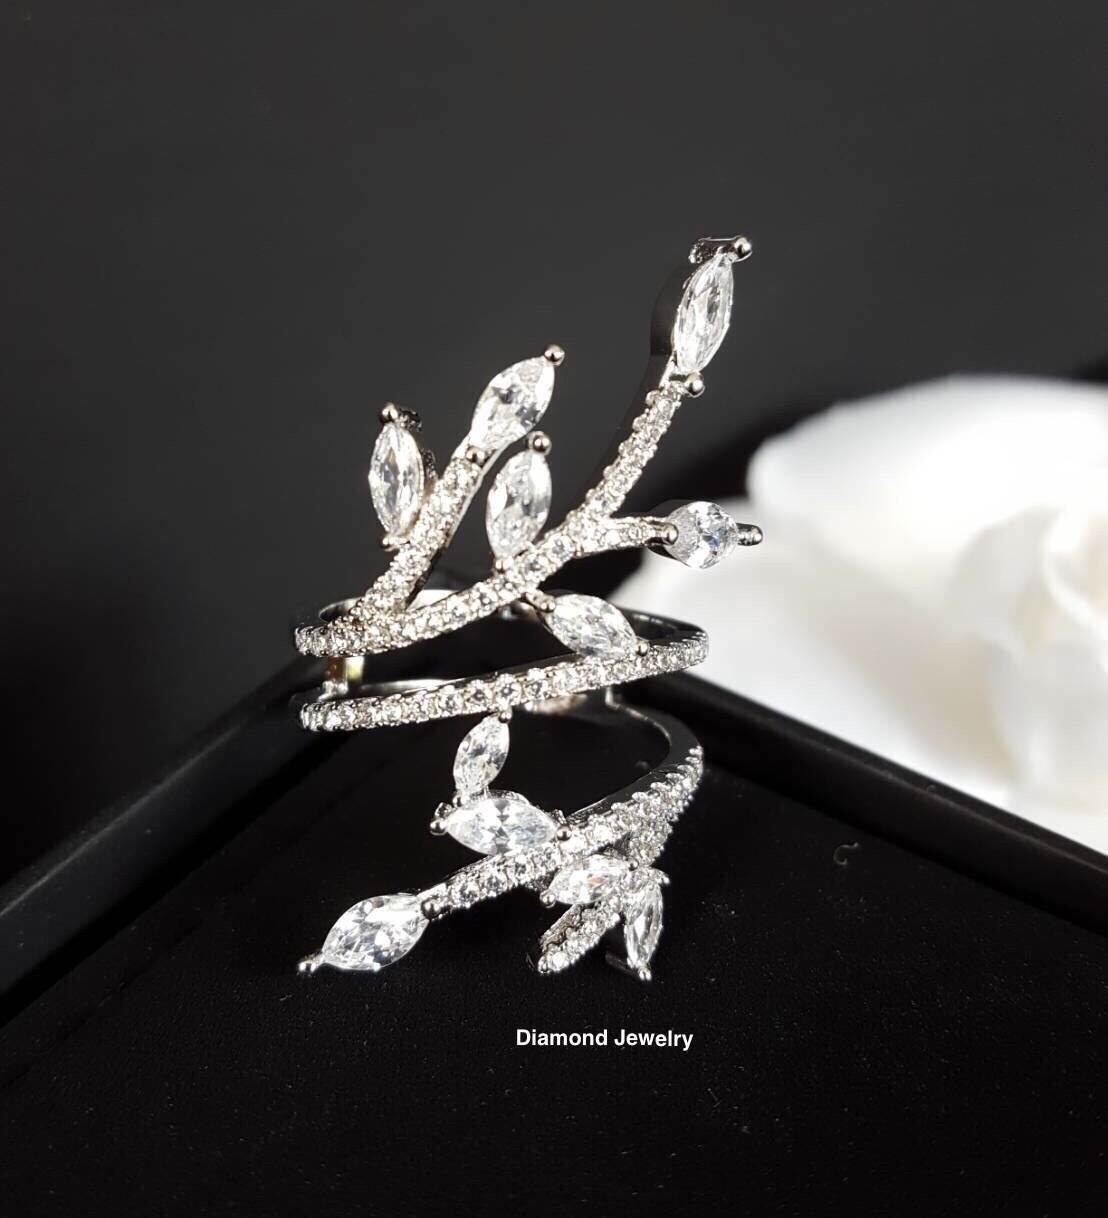 พร้อมส่ง APM Diamond Ring งานเพชร CZ แท้